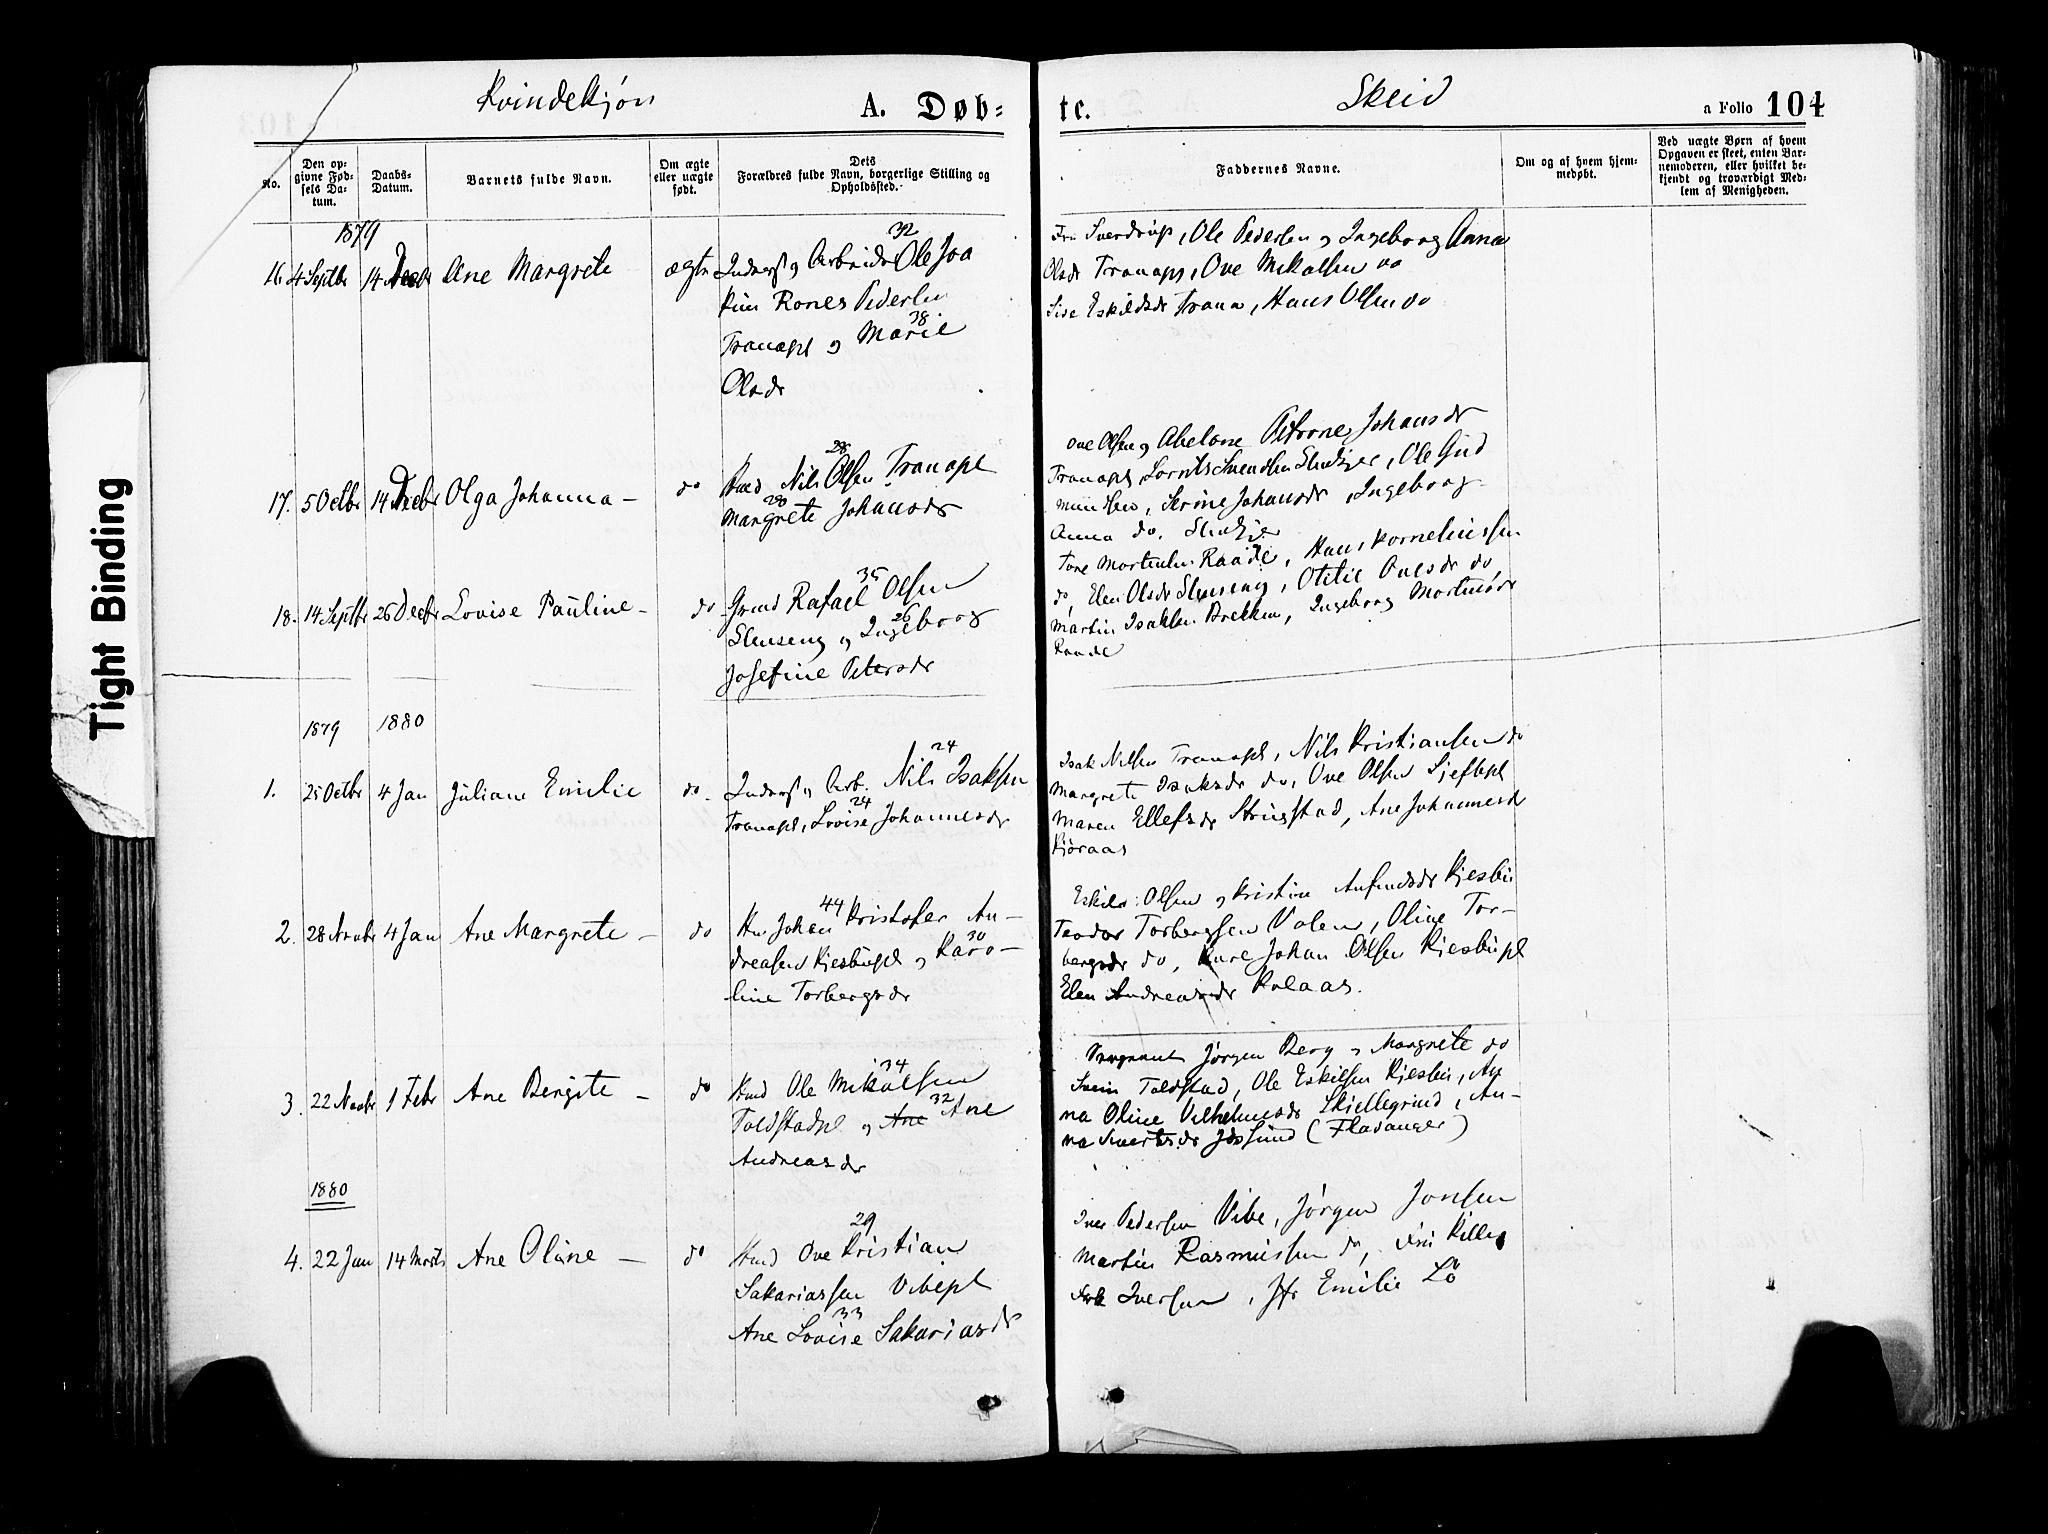 SAT, Ministerialprotokoller, klokkerbøker og fødselsregistre - Nord-Trøndelag, 735/L0348: Ministerialbok nr. 735A09 /2, 1873-1883, s. 104